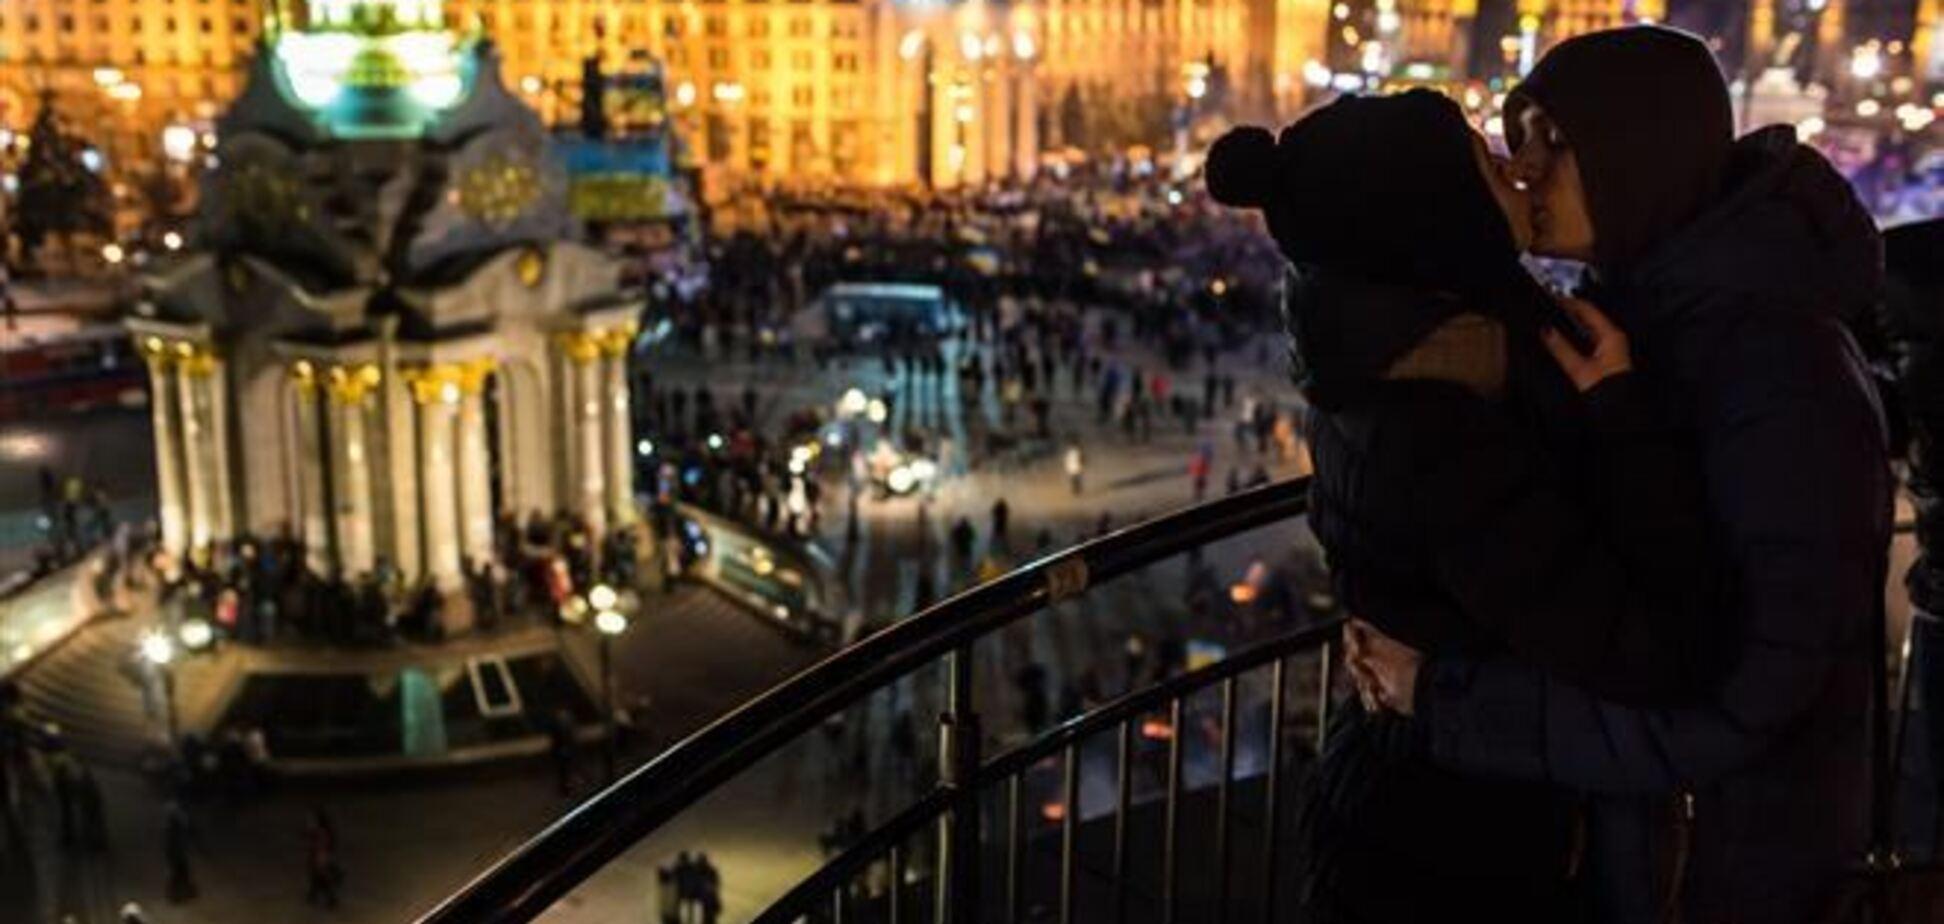 Любовь на Майдане: молодежь и пенсионеры находят пару, а киевляне кормят приезжих